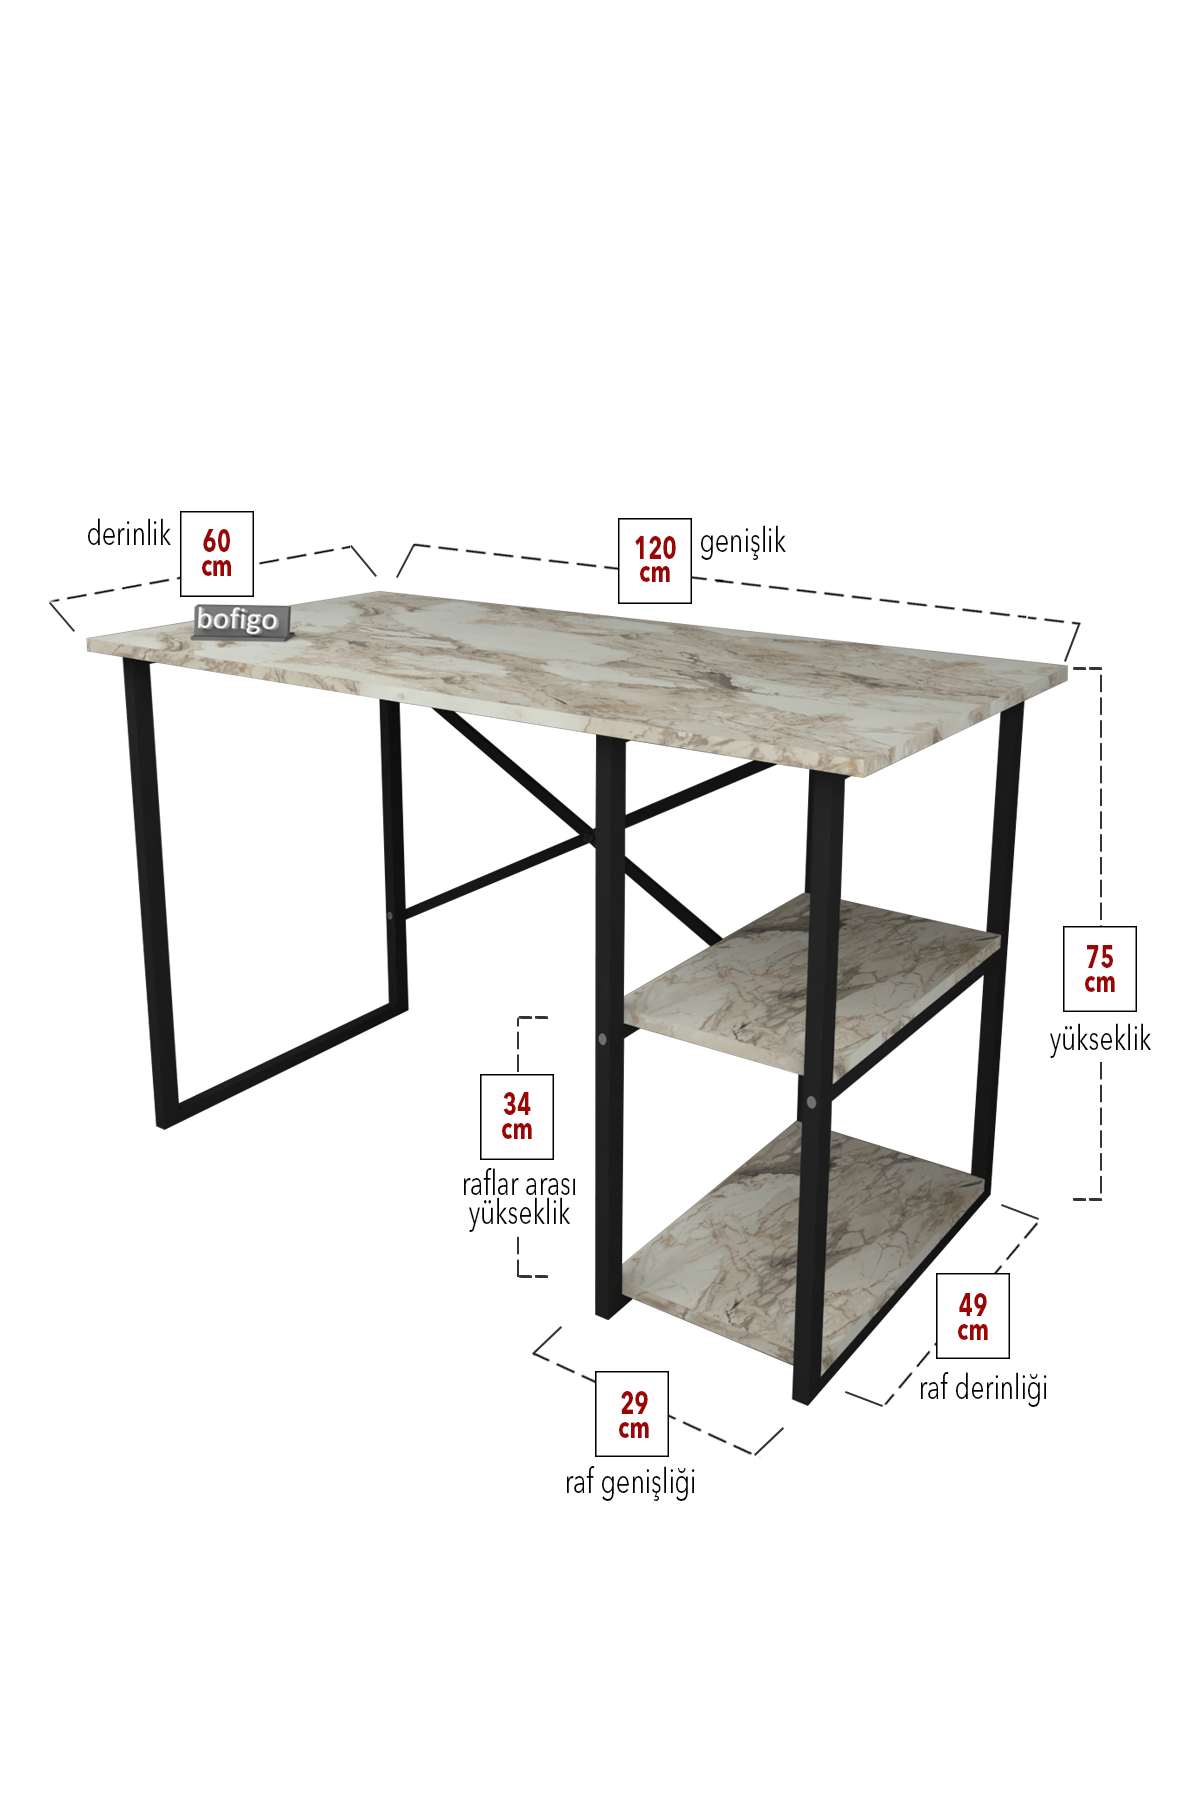 Bofigo 2 Raflı Çalışma Masası 60x120 cm Efes